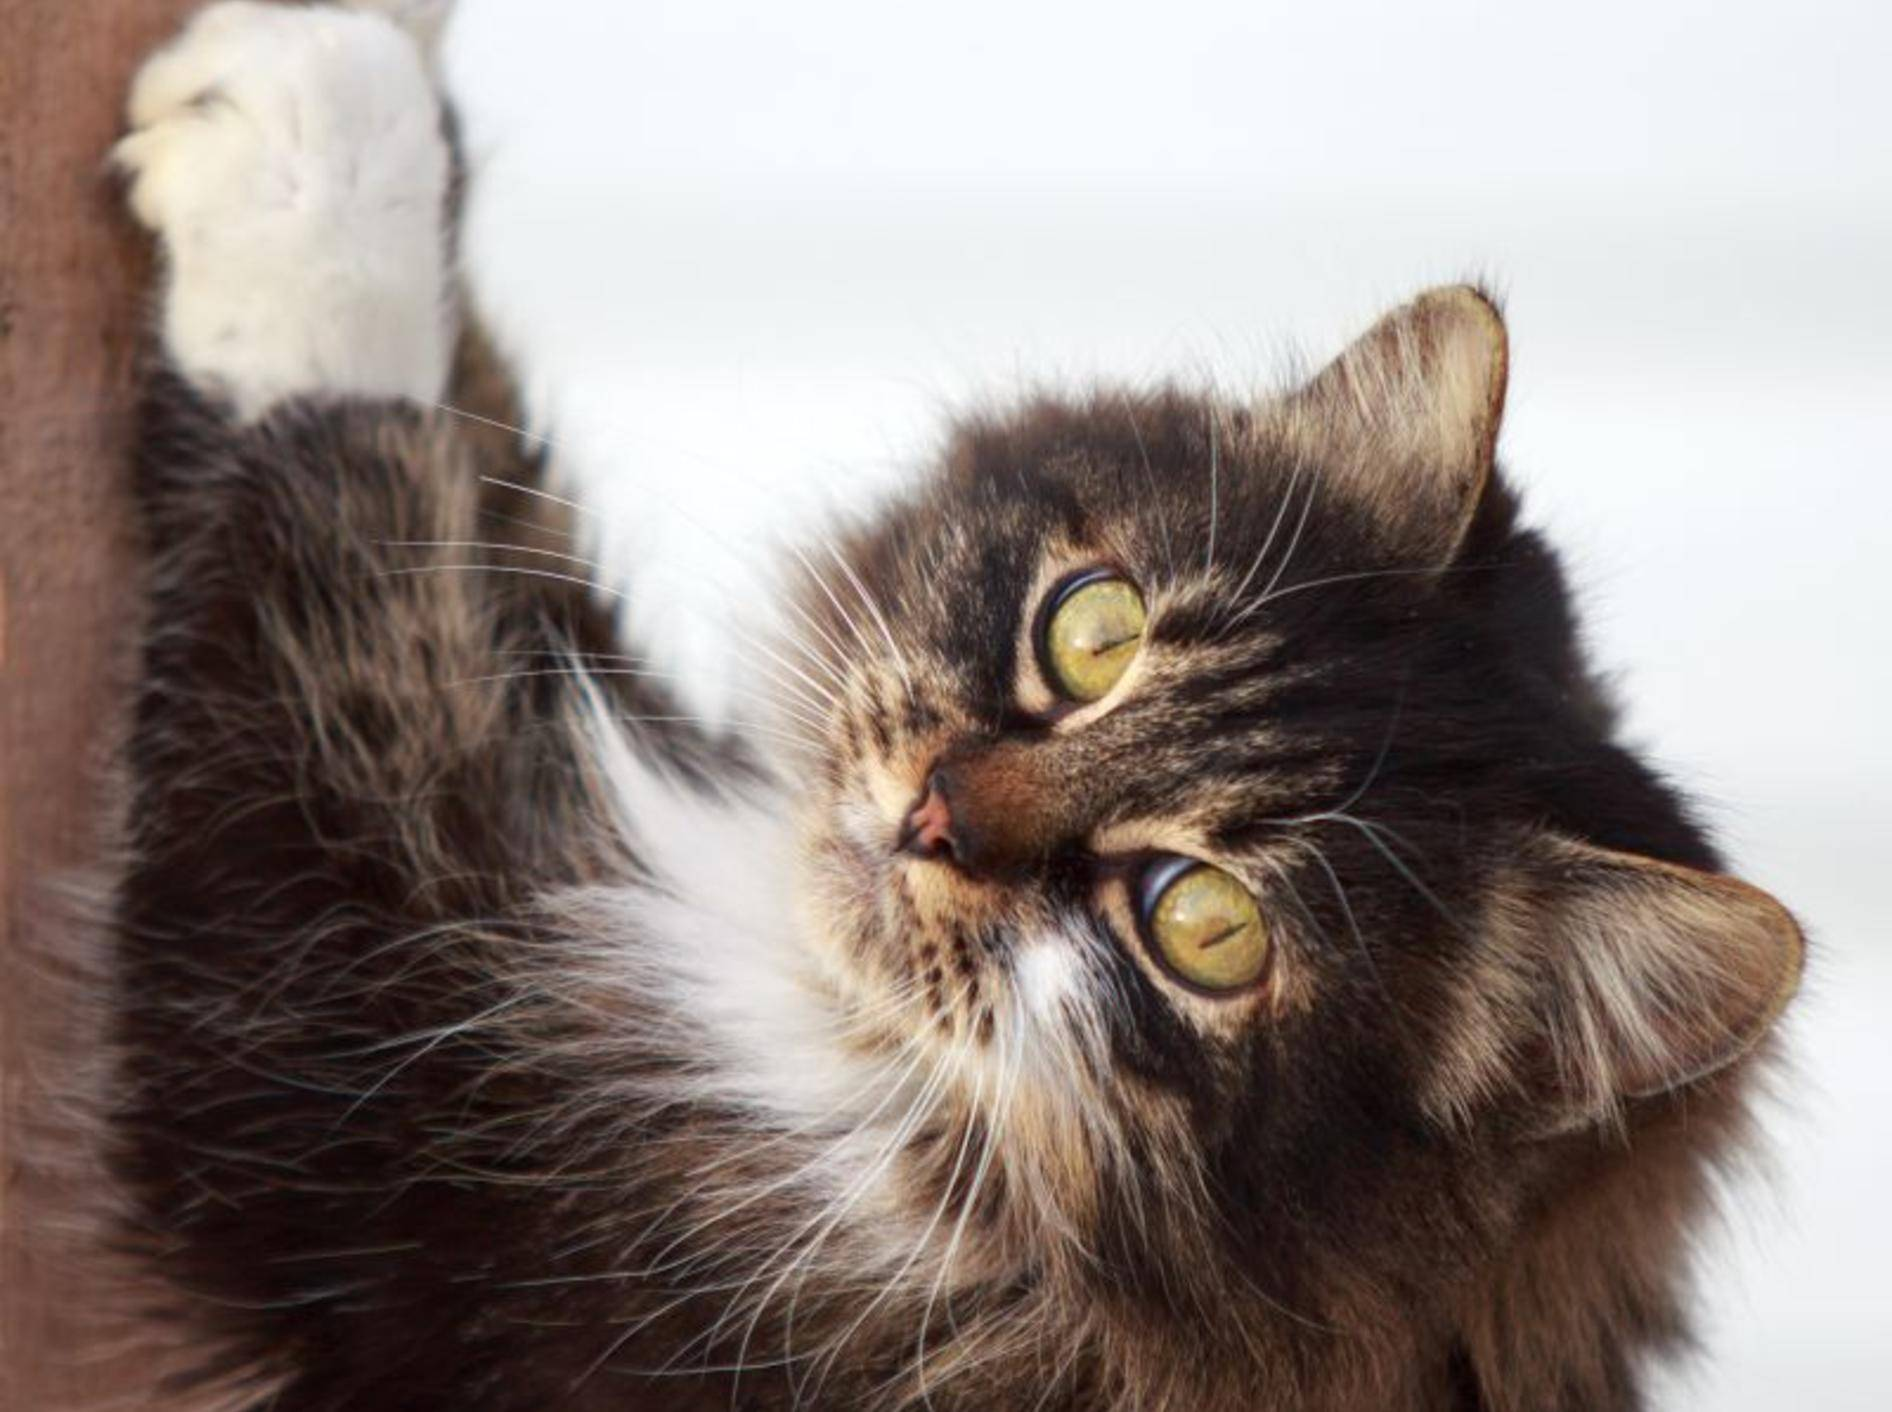 Kratzen an der Schlafzimmertür: Für die meisten Katzen gang und gäbe – Bild: Shutterstock / DragoNika